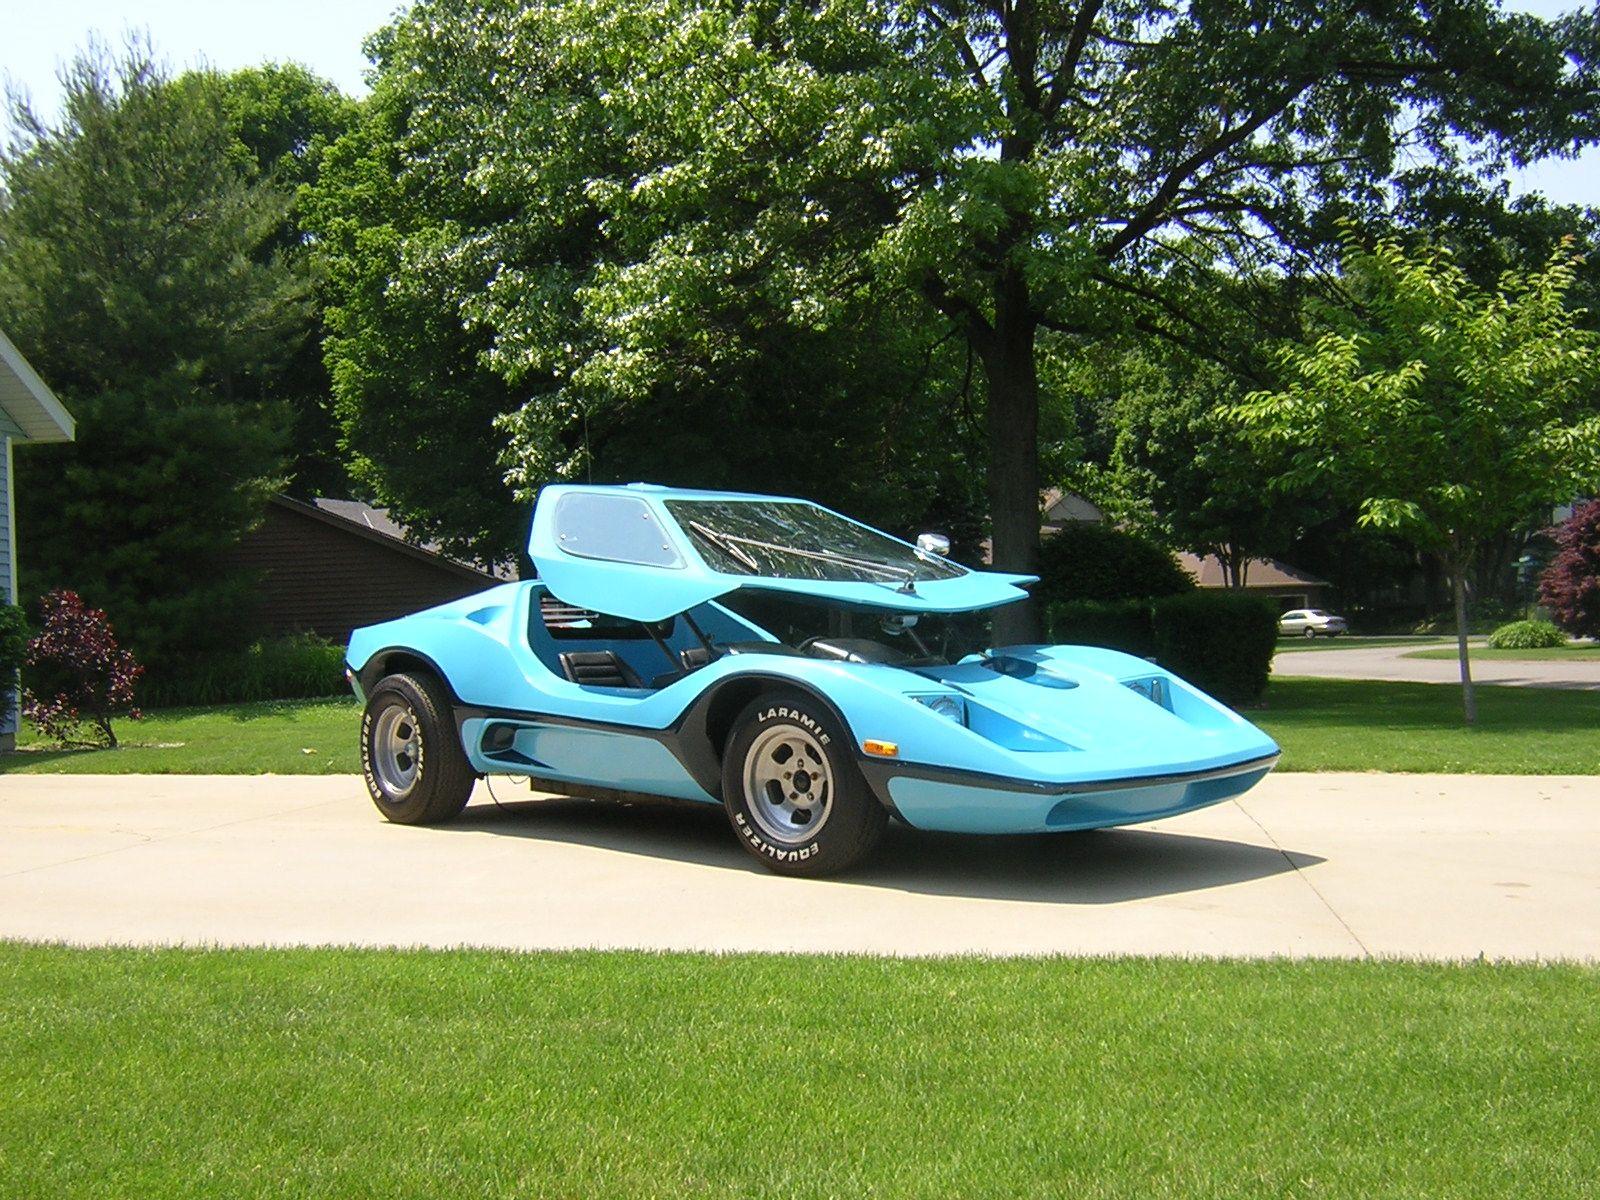 sterling kit car | Another Cool Sterling/Nova Restomod-sterling ...